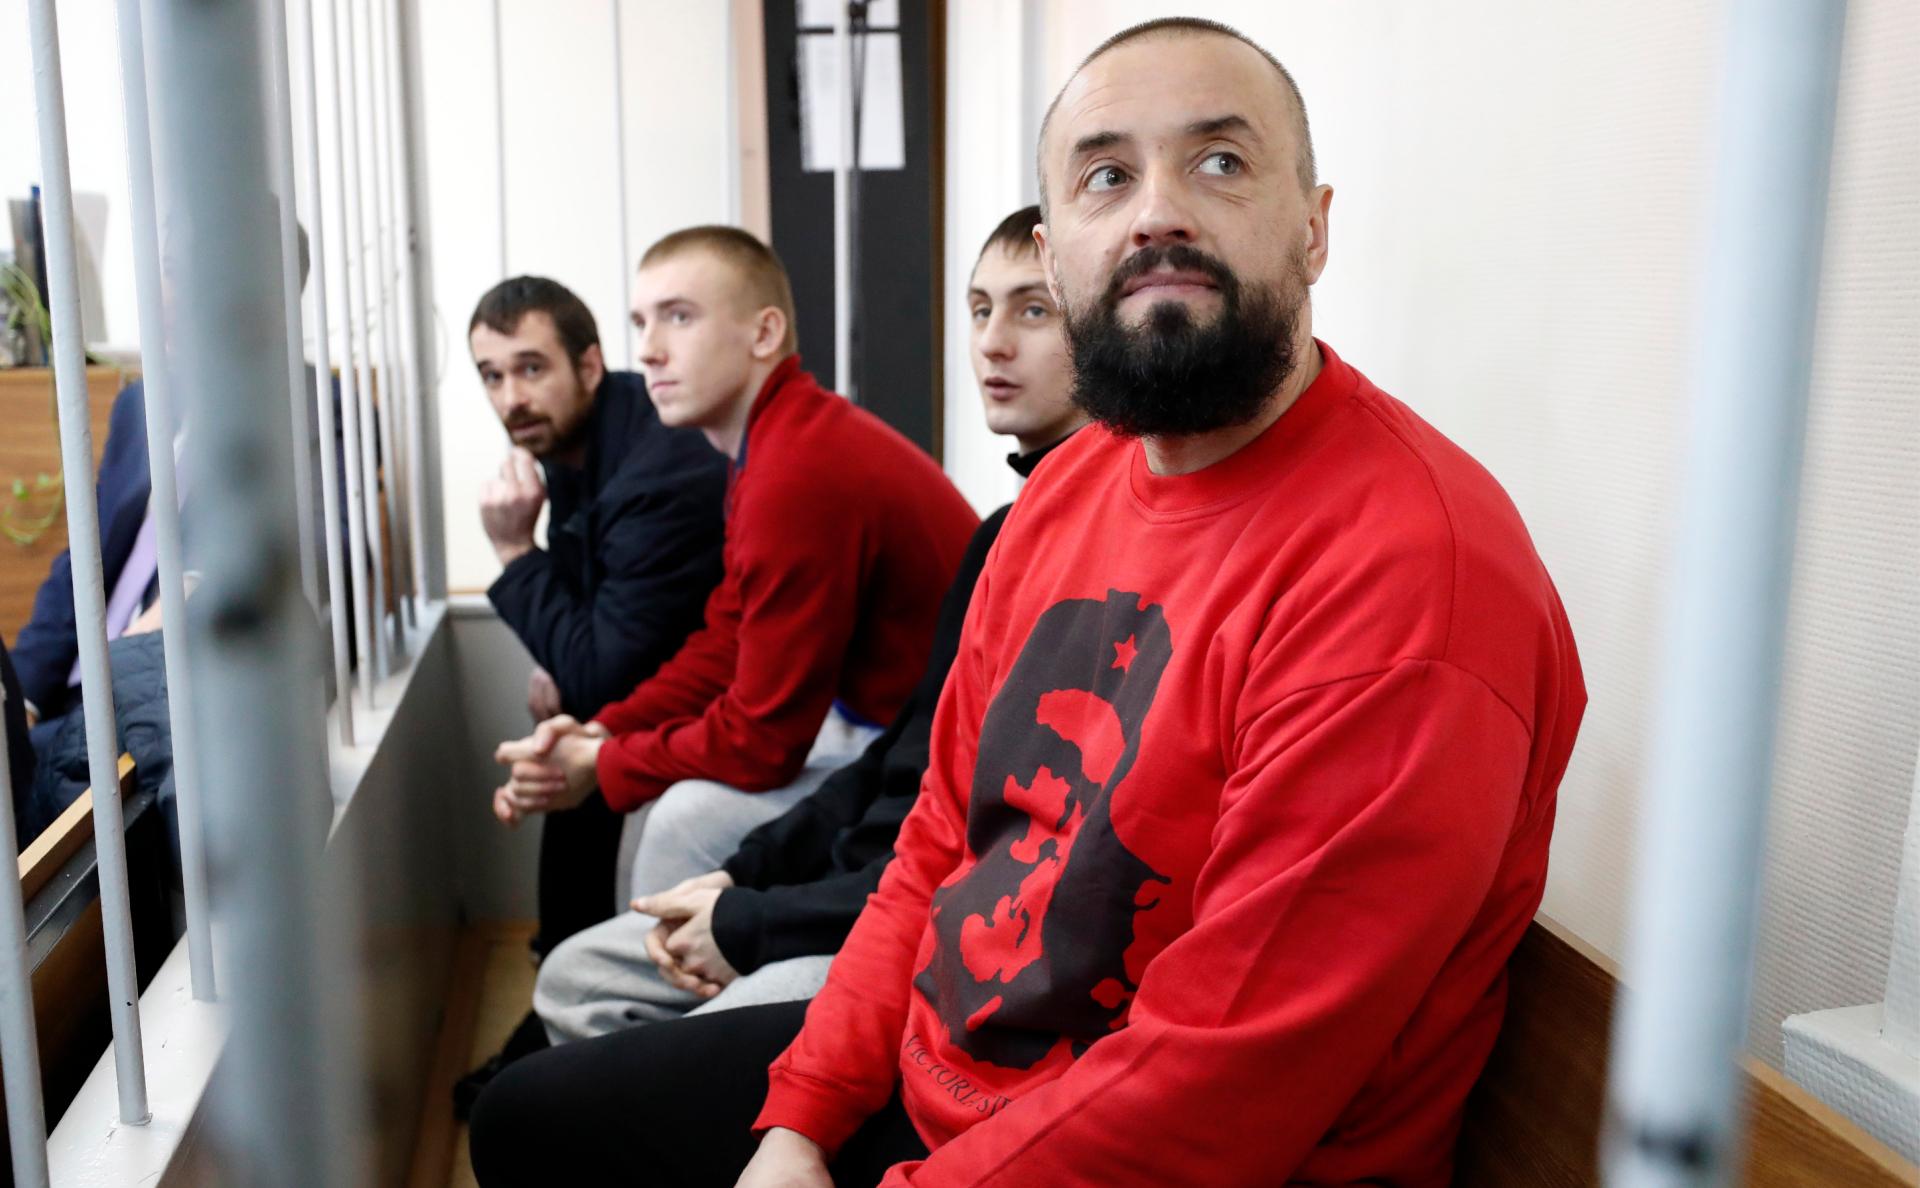 Украинские моряки в лефортовском СИЗО